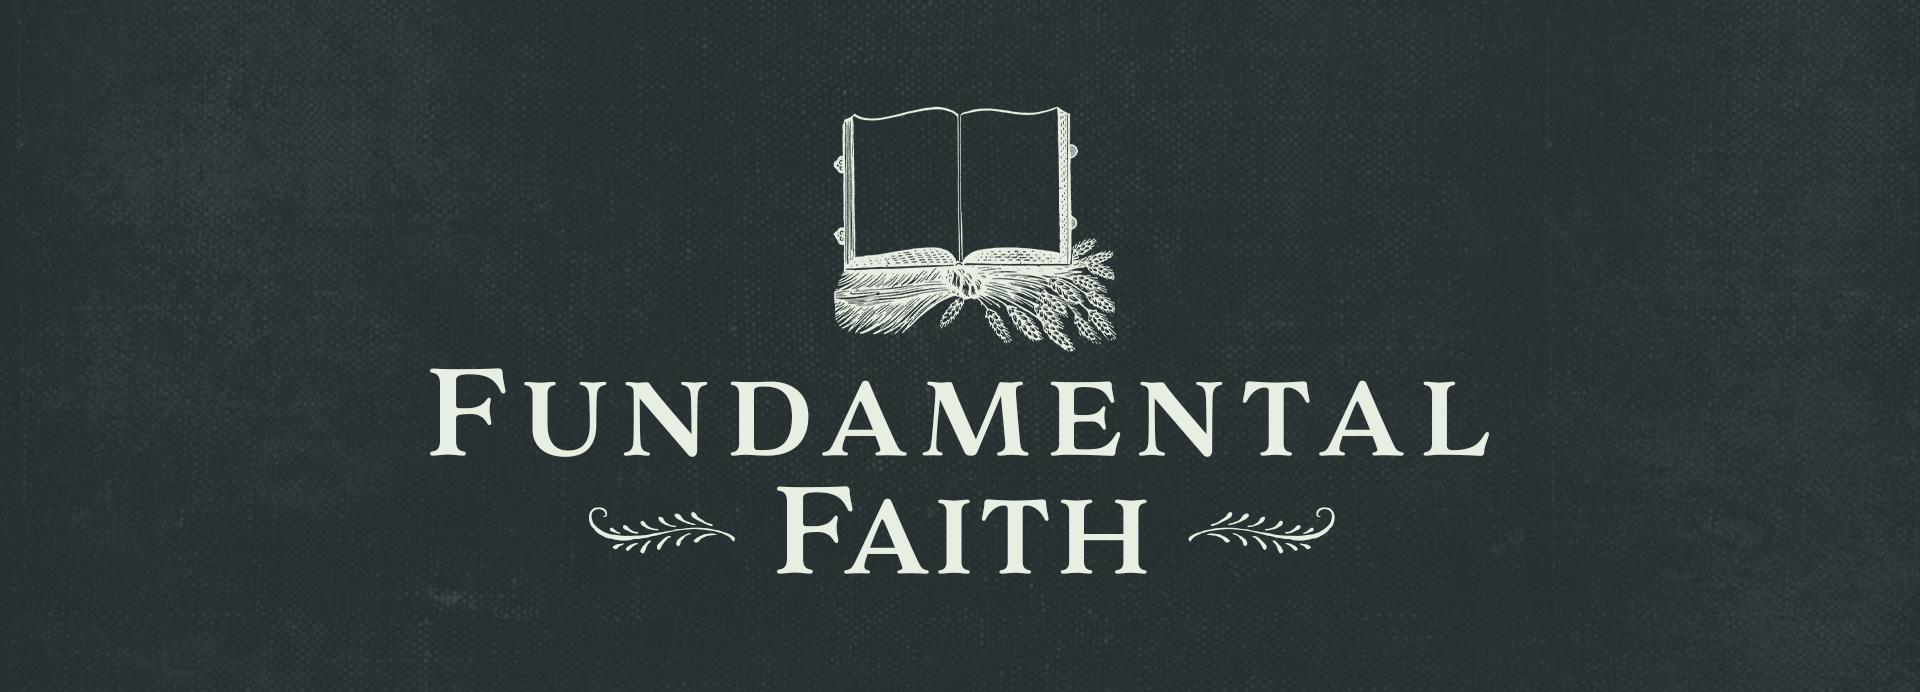 Fundamental Faith_App Banner.jpg